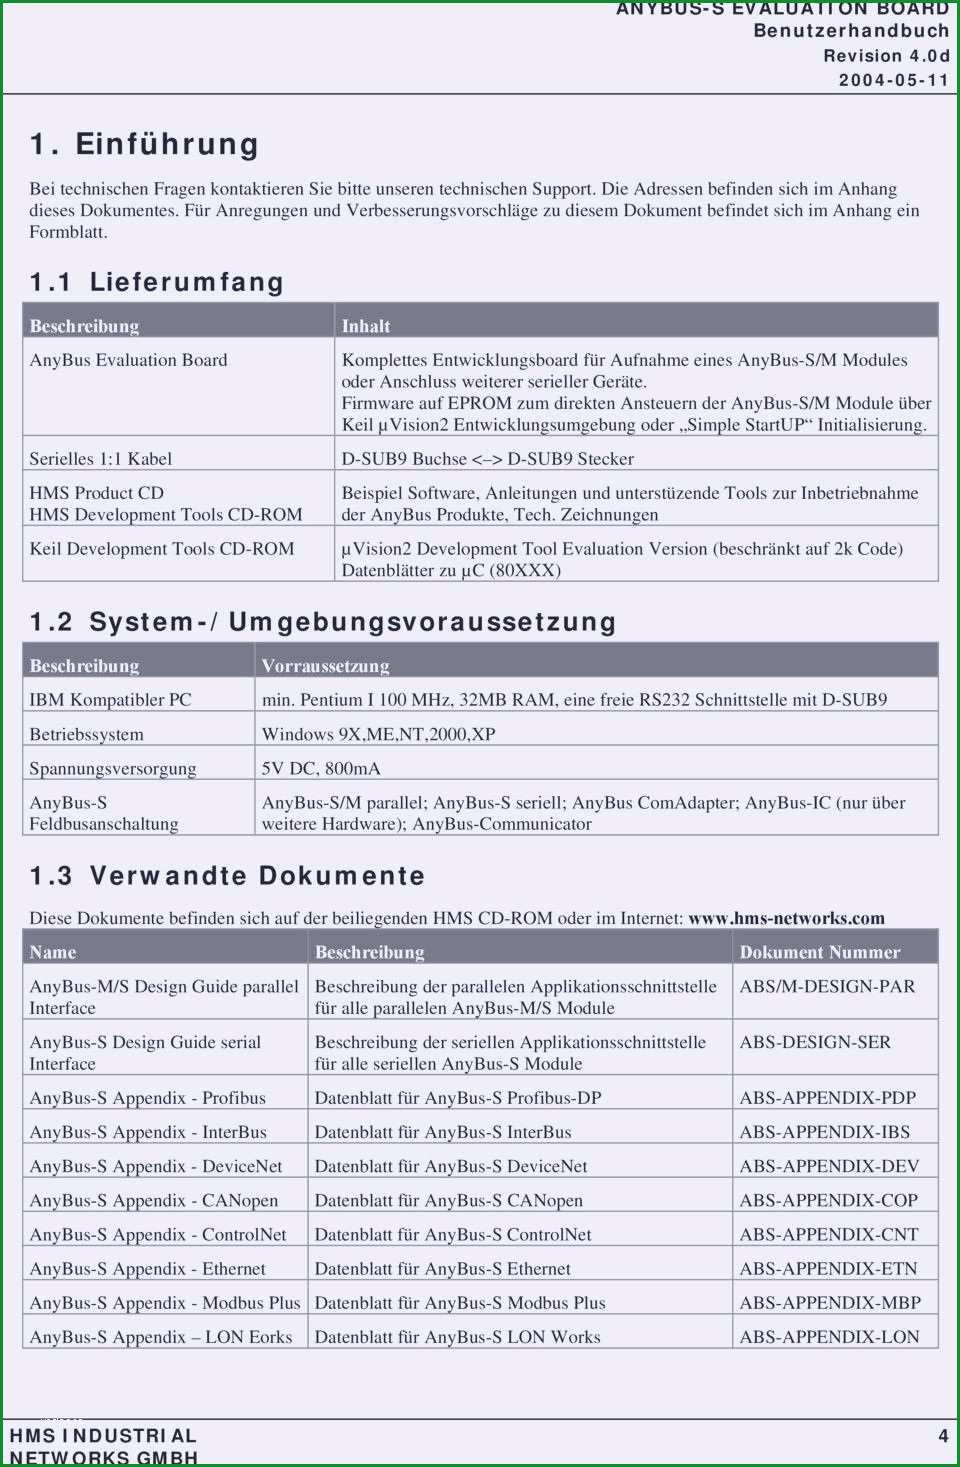 Schockieren iso 9001 2015 Handbuch Vorlage Luxus formulare Für Das